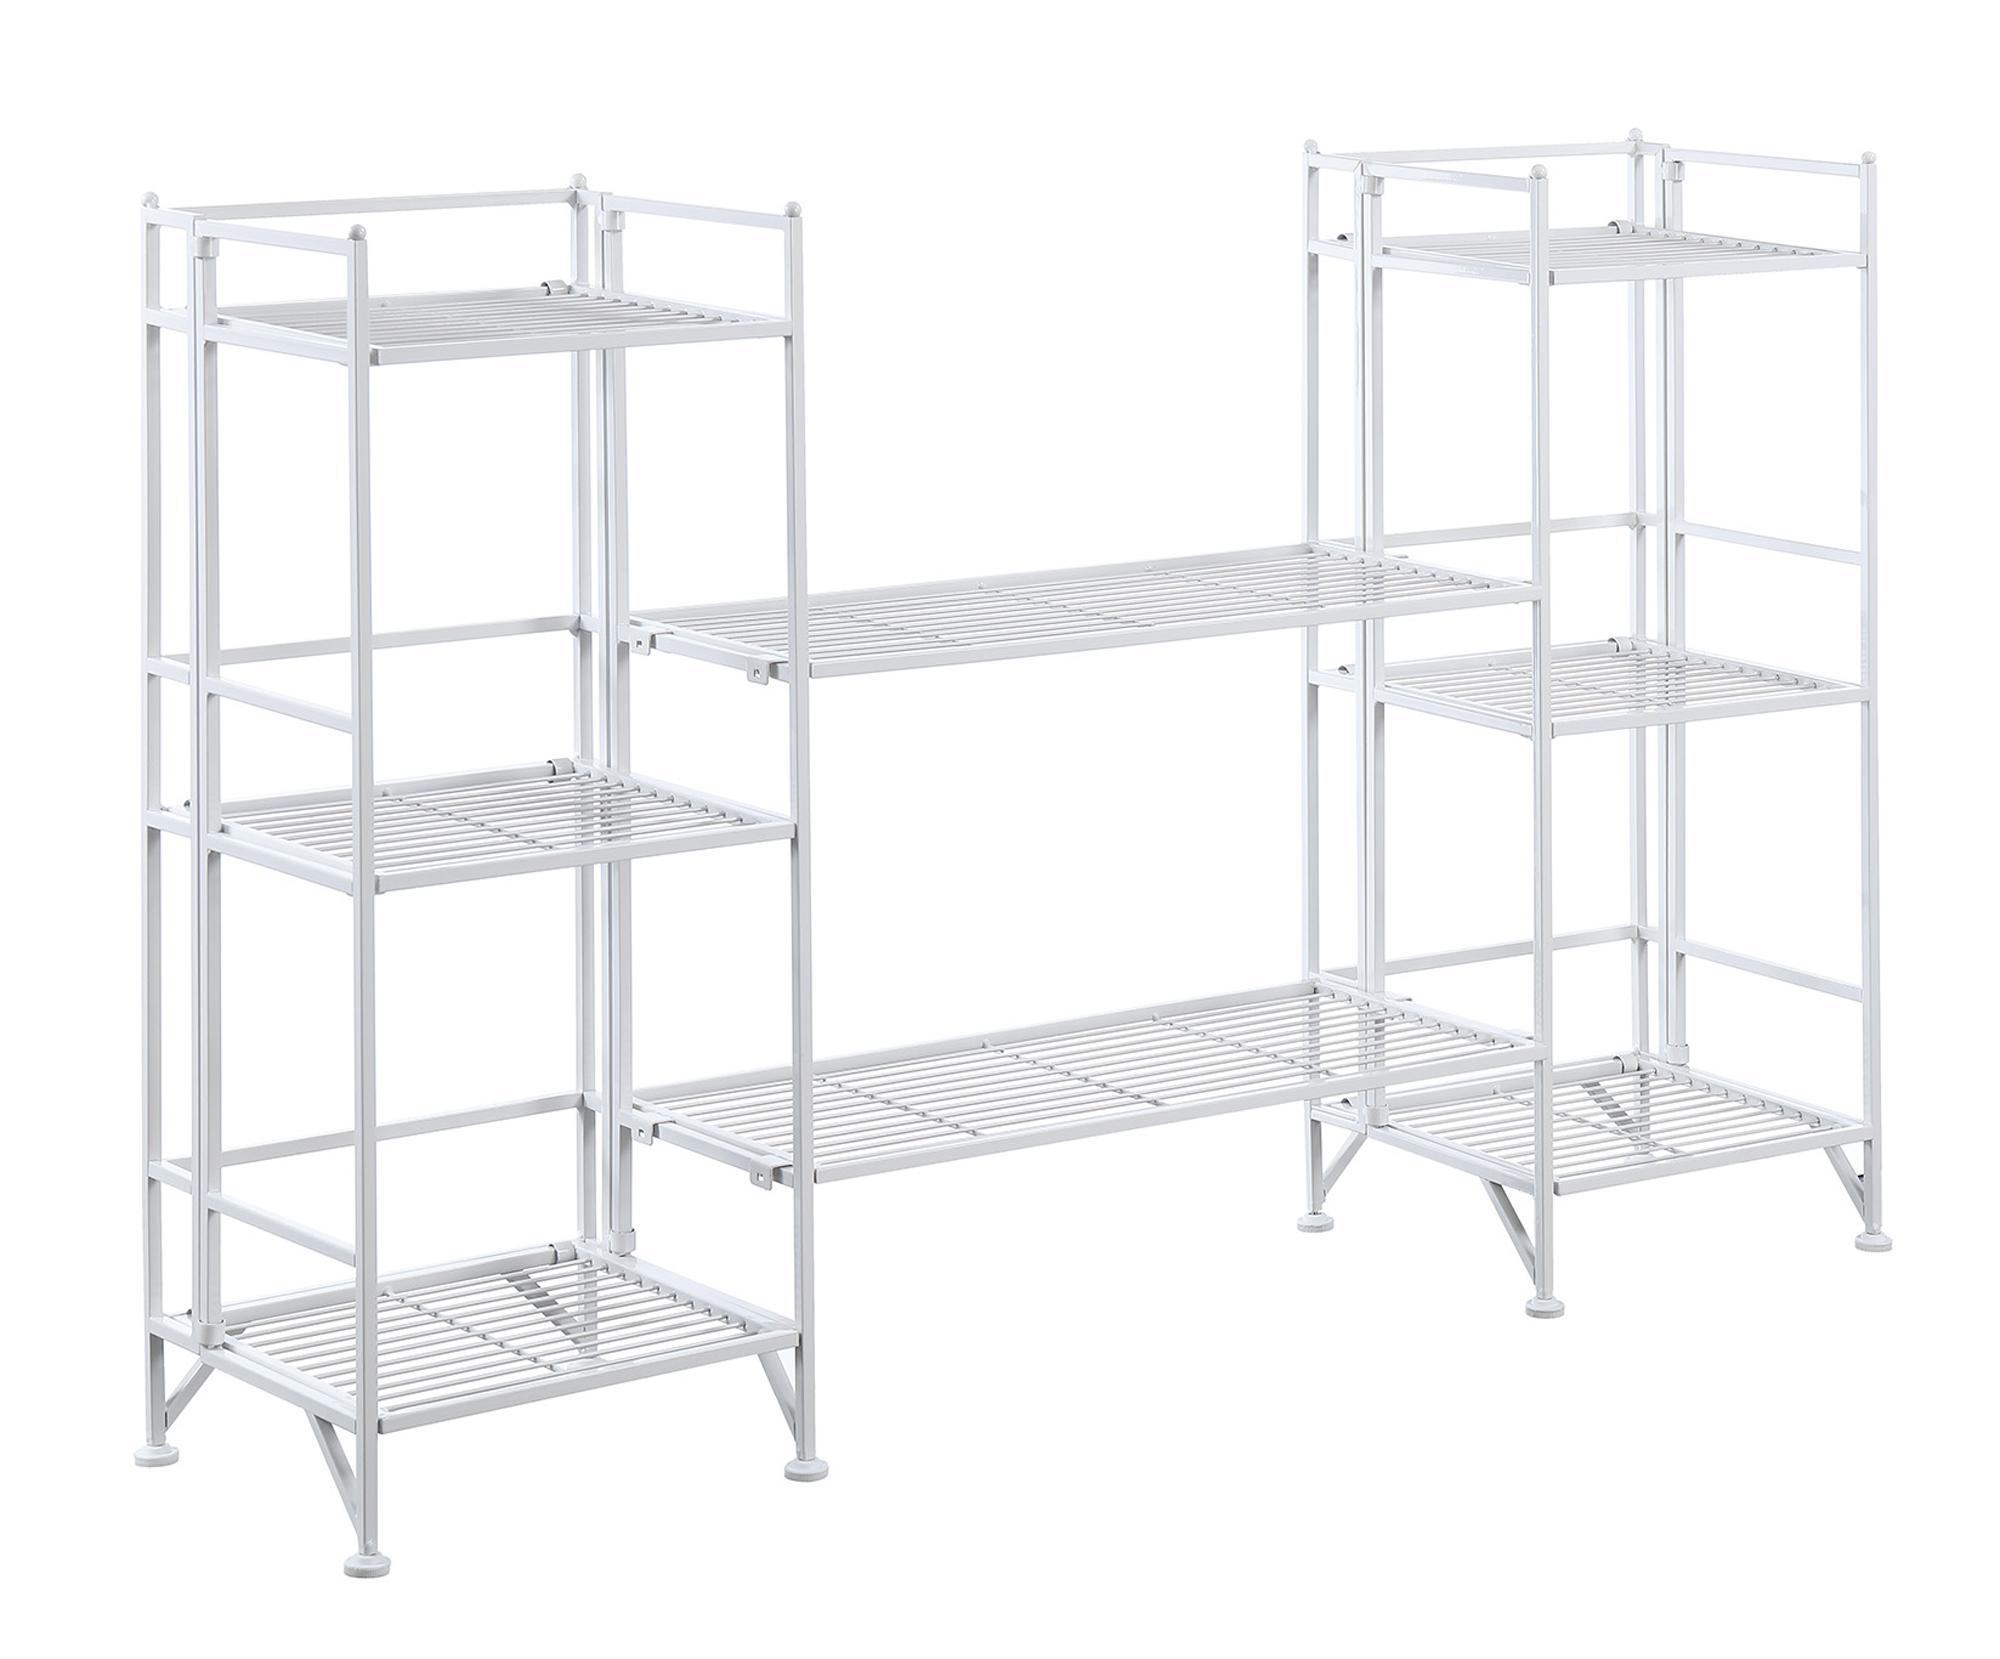 Convenience Concepts 8025W Xtra Storage Metal Folding Shelf, 4 Piece